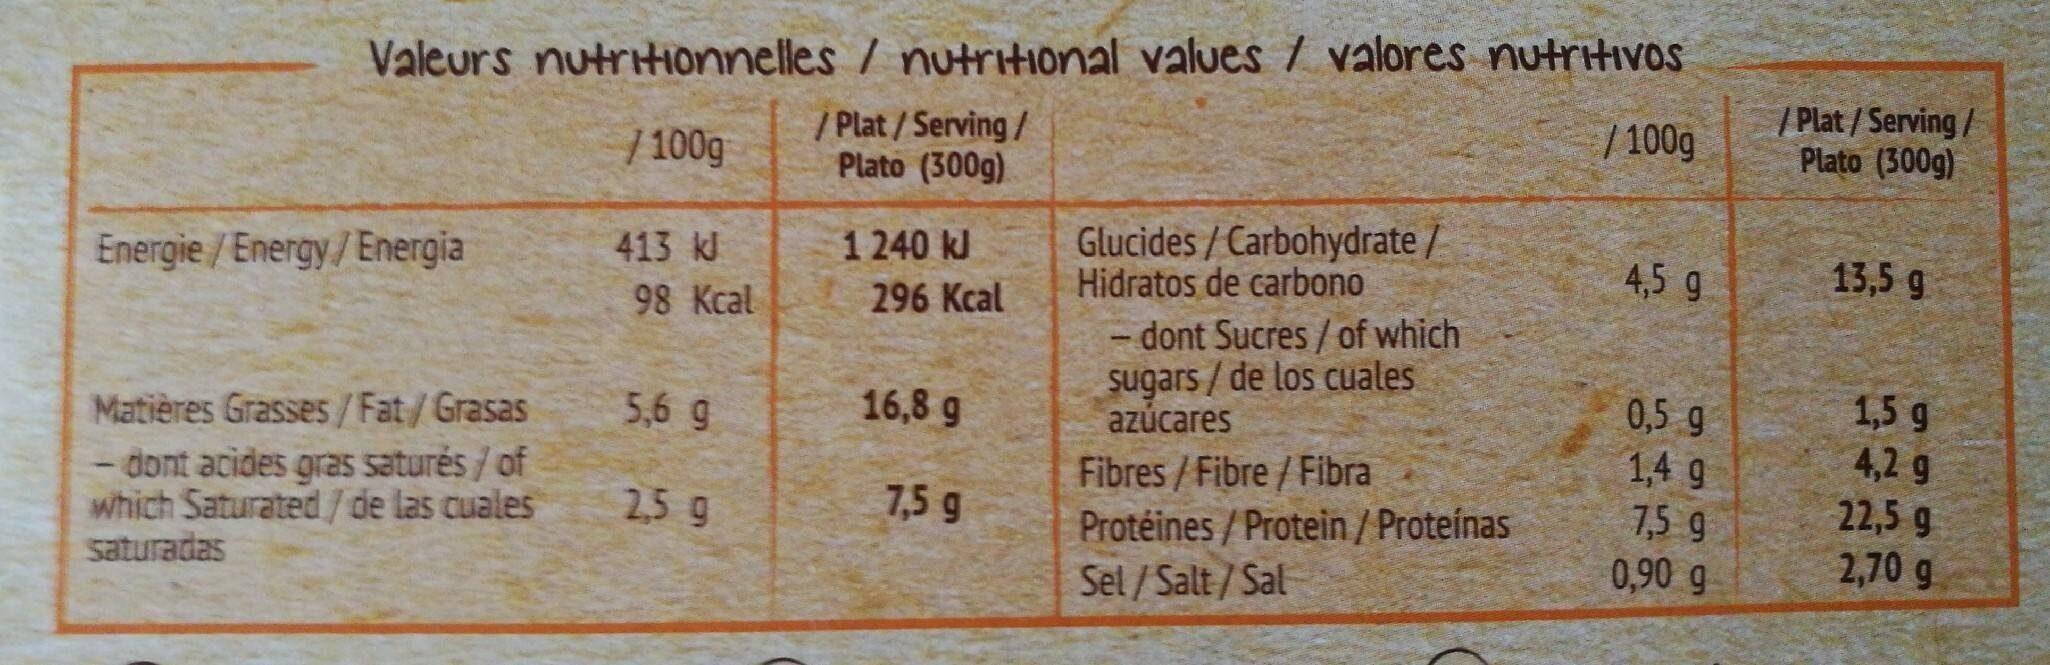 Hachis parmentier bio - Informations nutritionnelles - fr